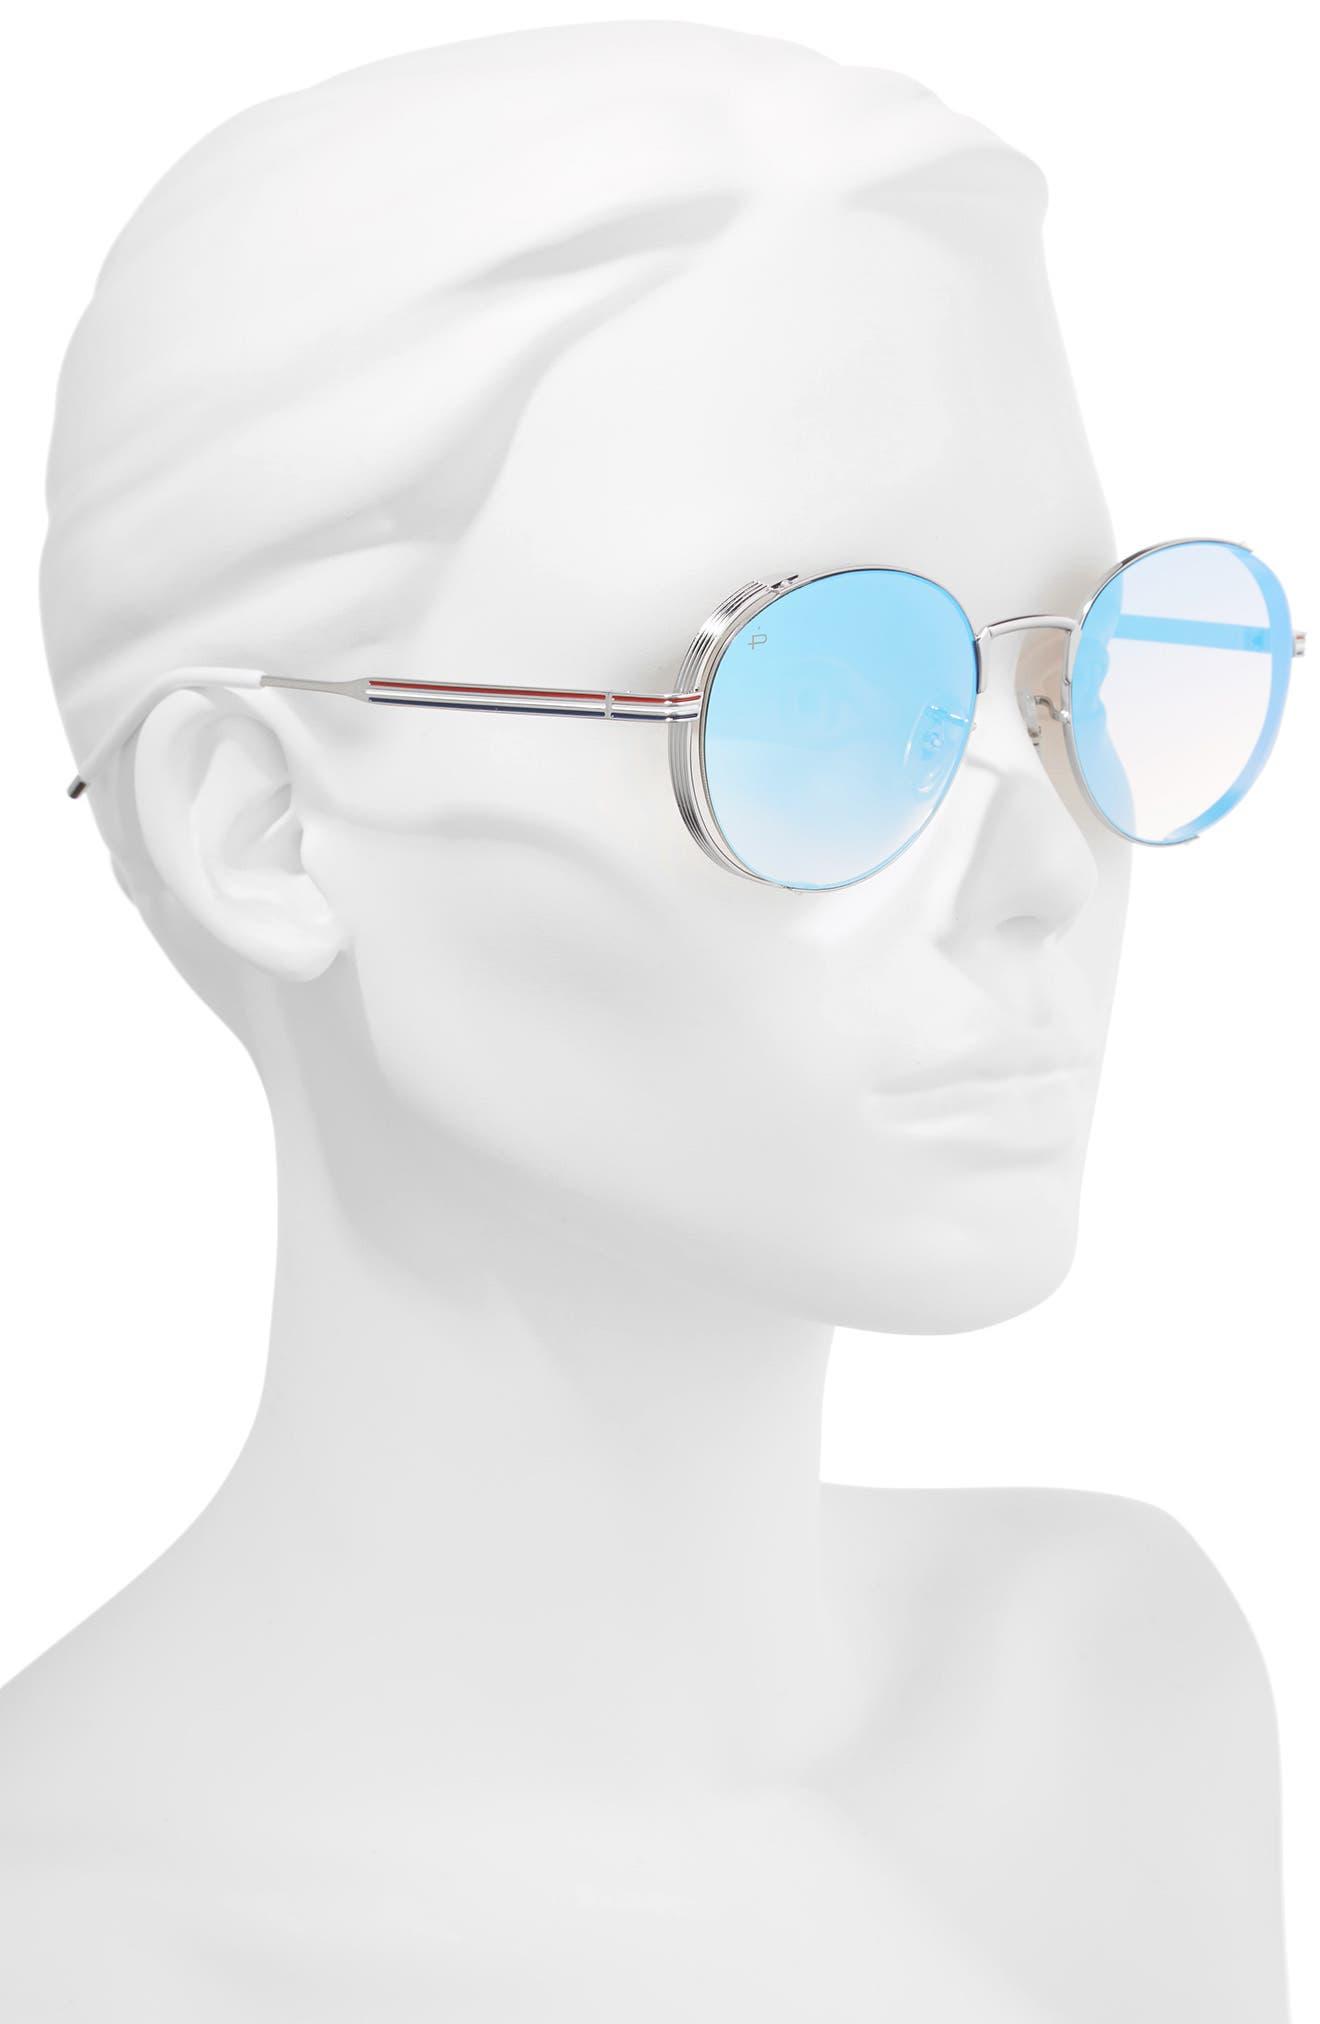 Privé Revaux The Riviera Round Sunglasses,                             Alternate thumbnail 3, color,                             Blue